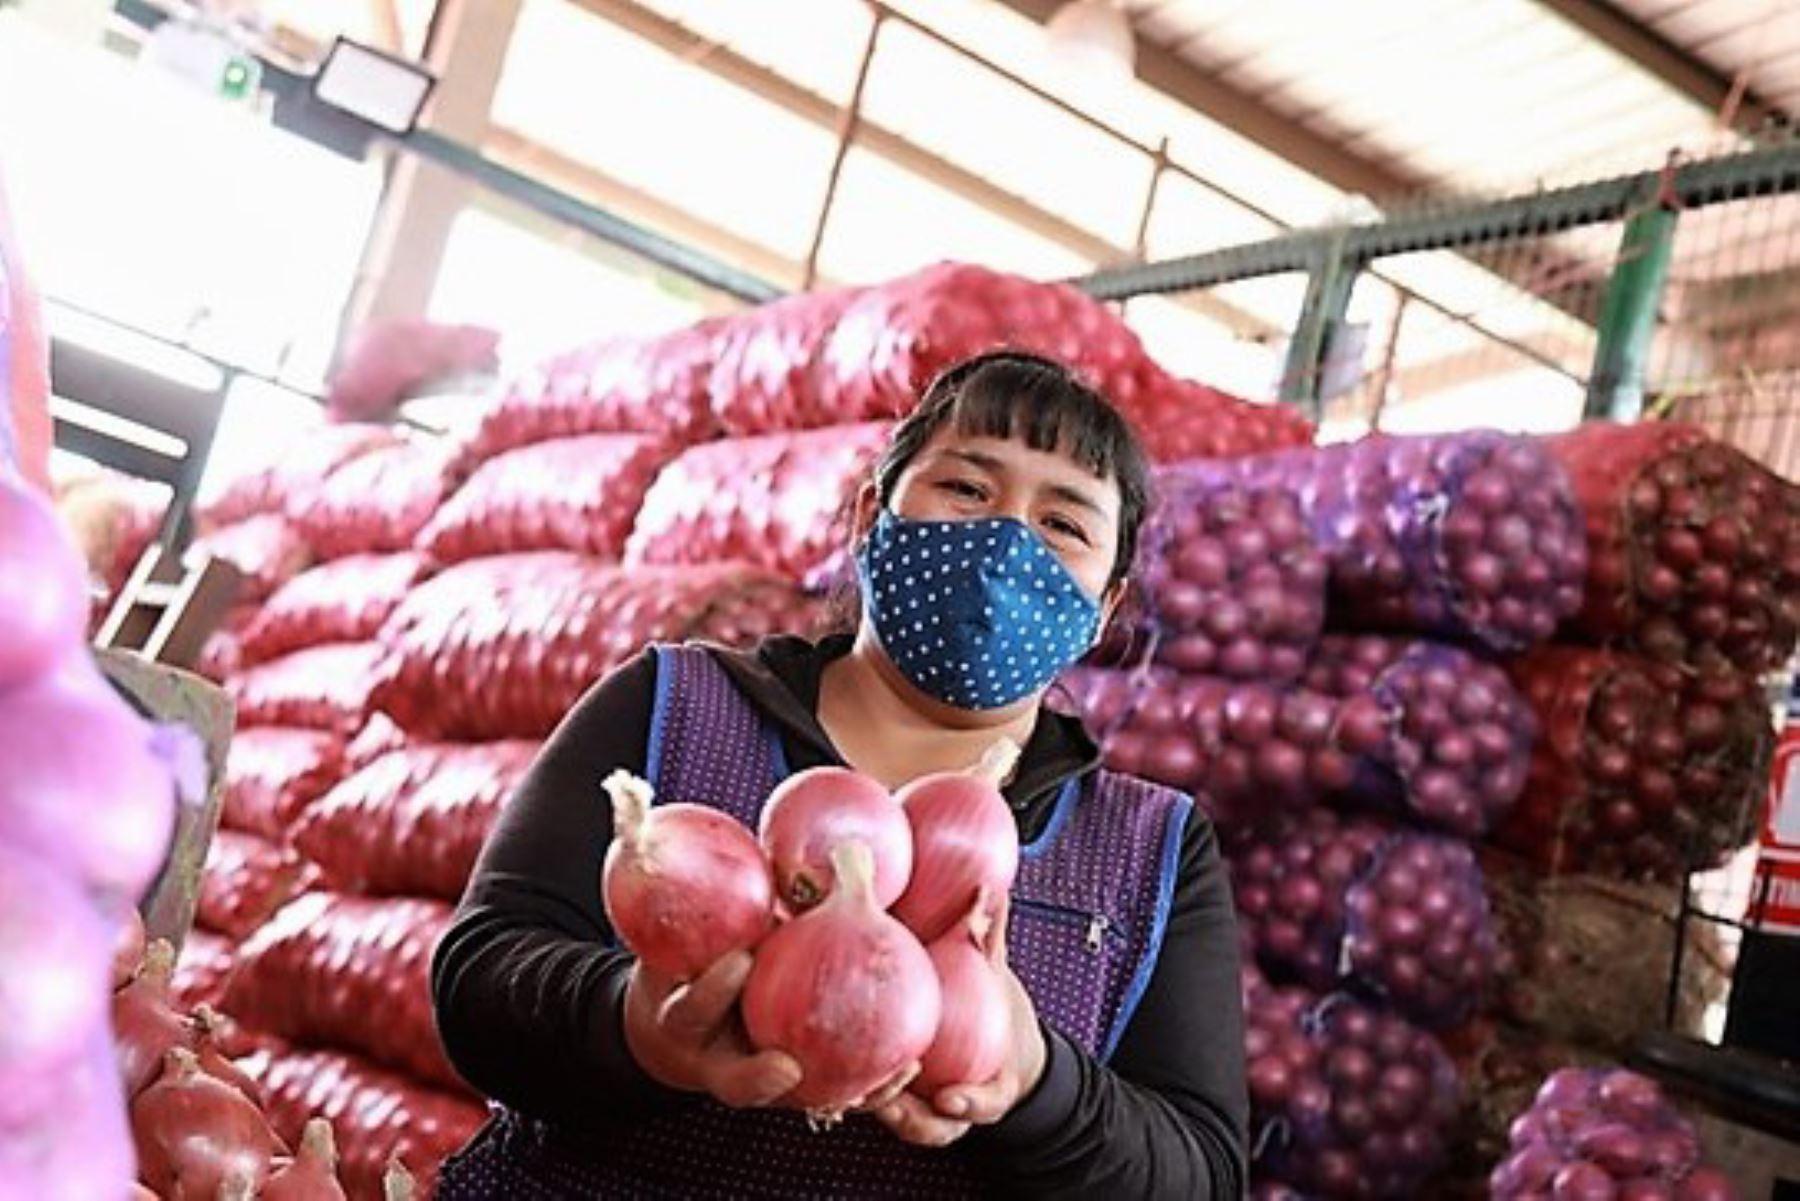 mtpe-capacitara-a-36000-trabajadores-de-mercados-en-temas-de-seguridad-y-salud